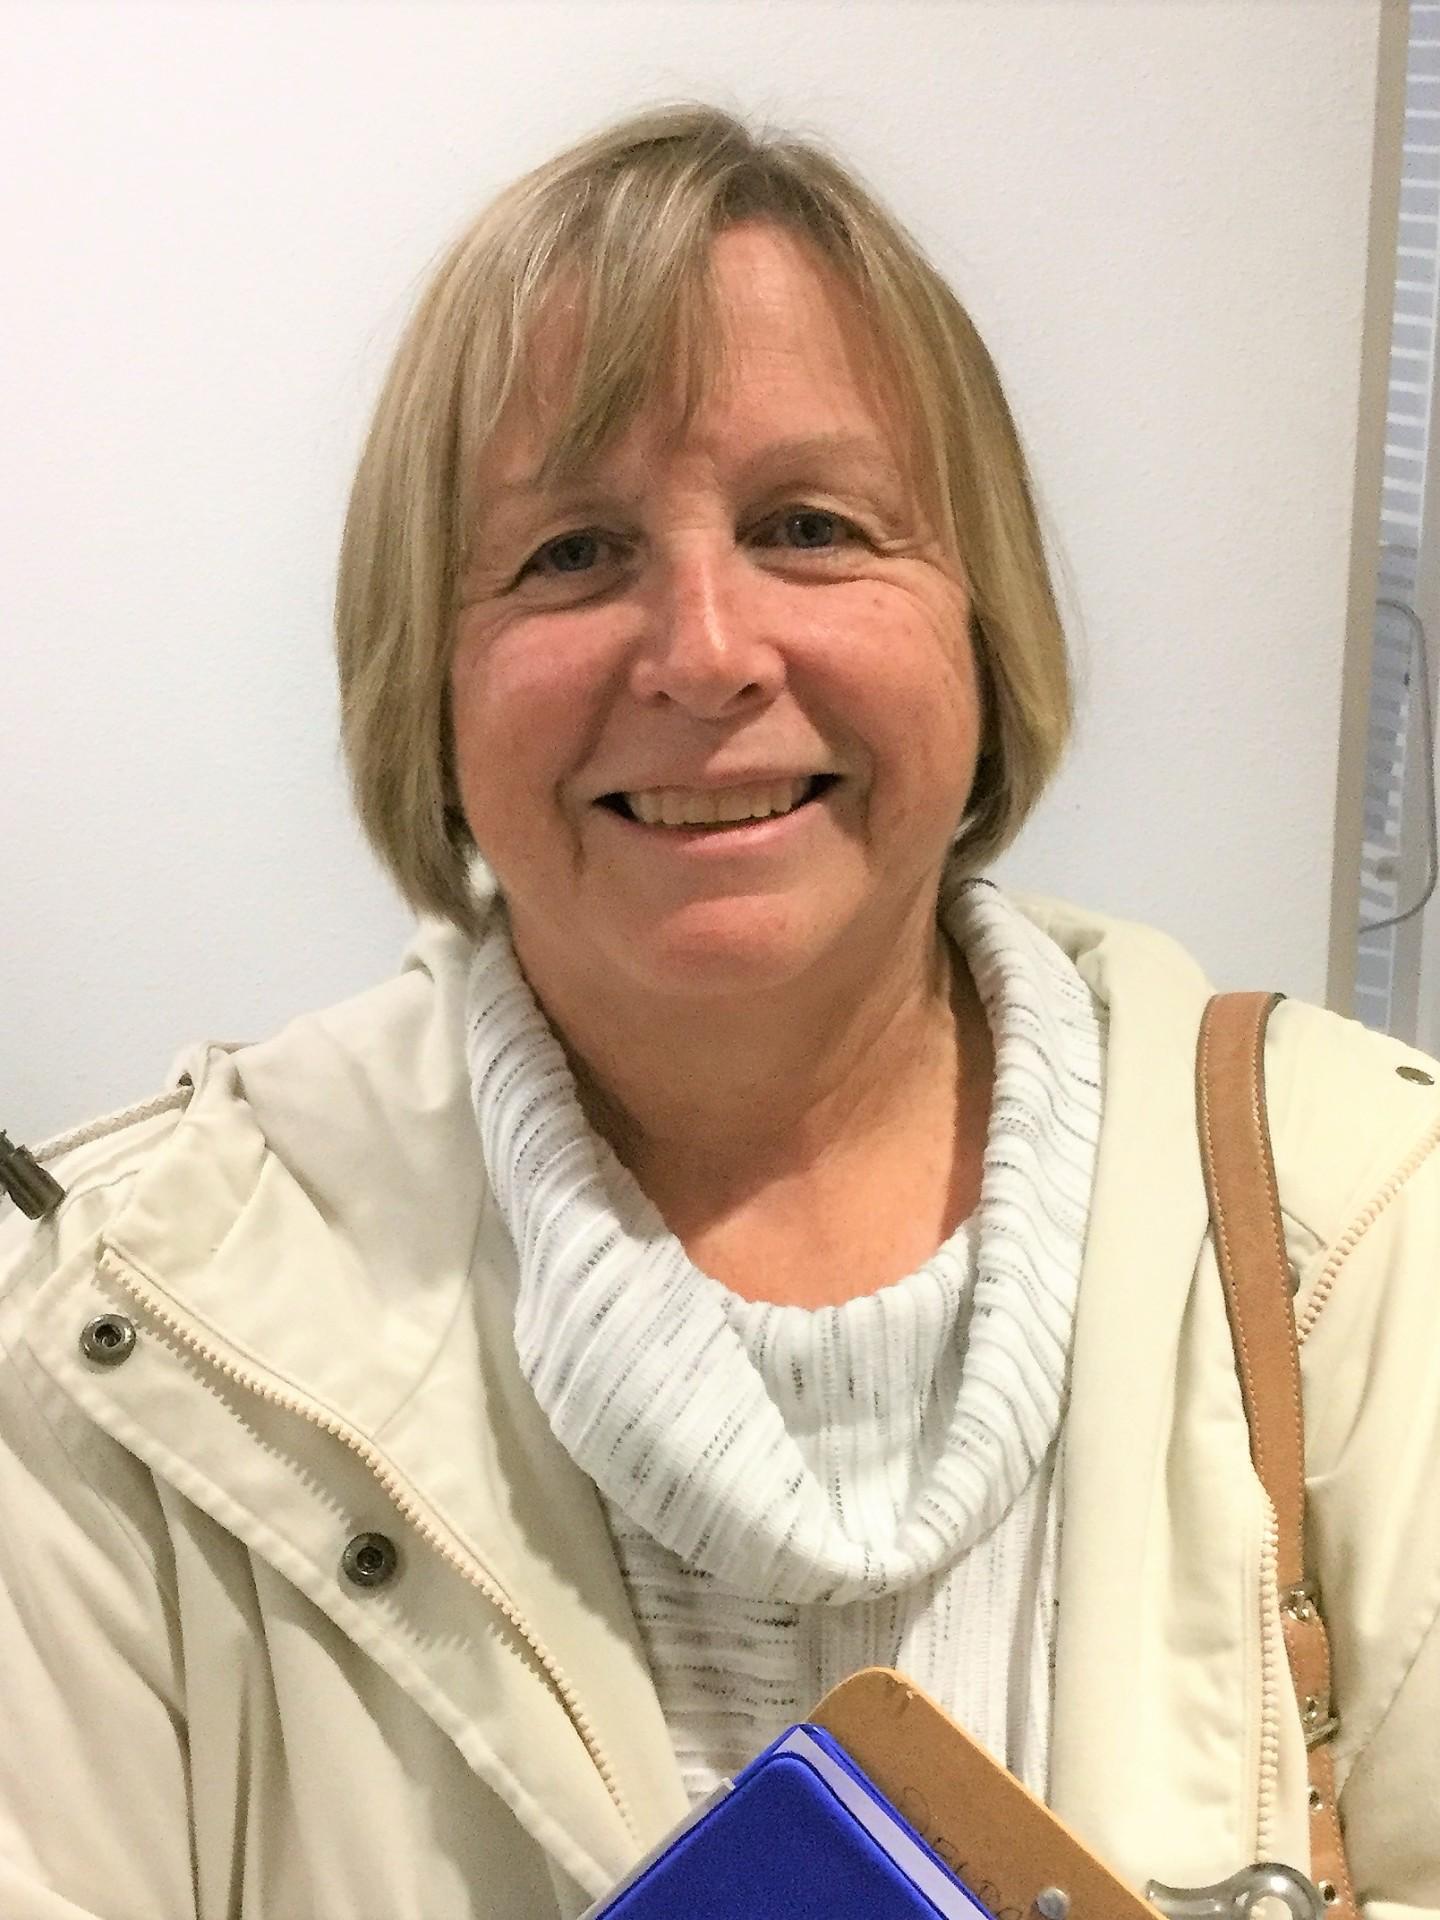 Nancy Zimmer